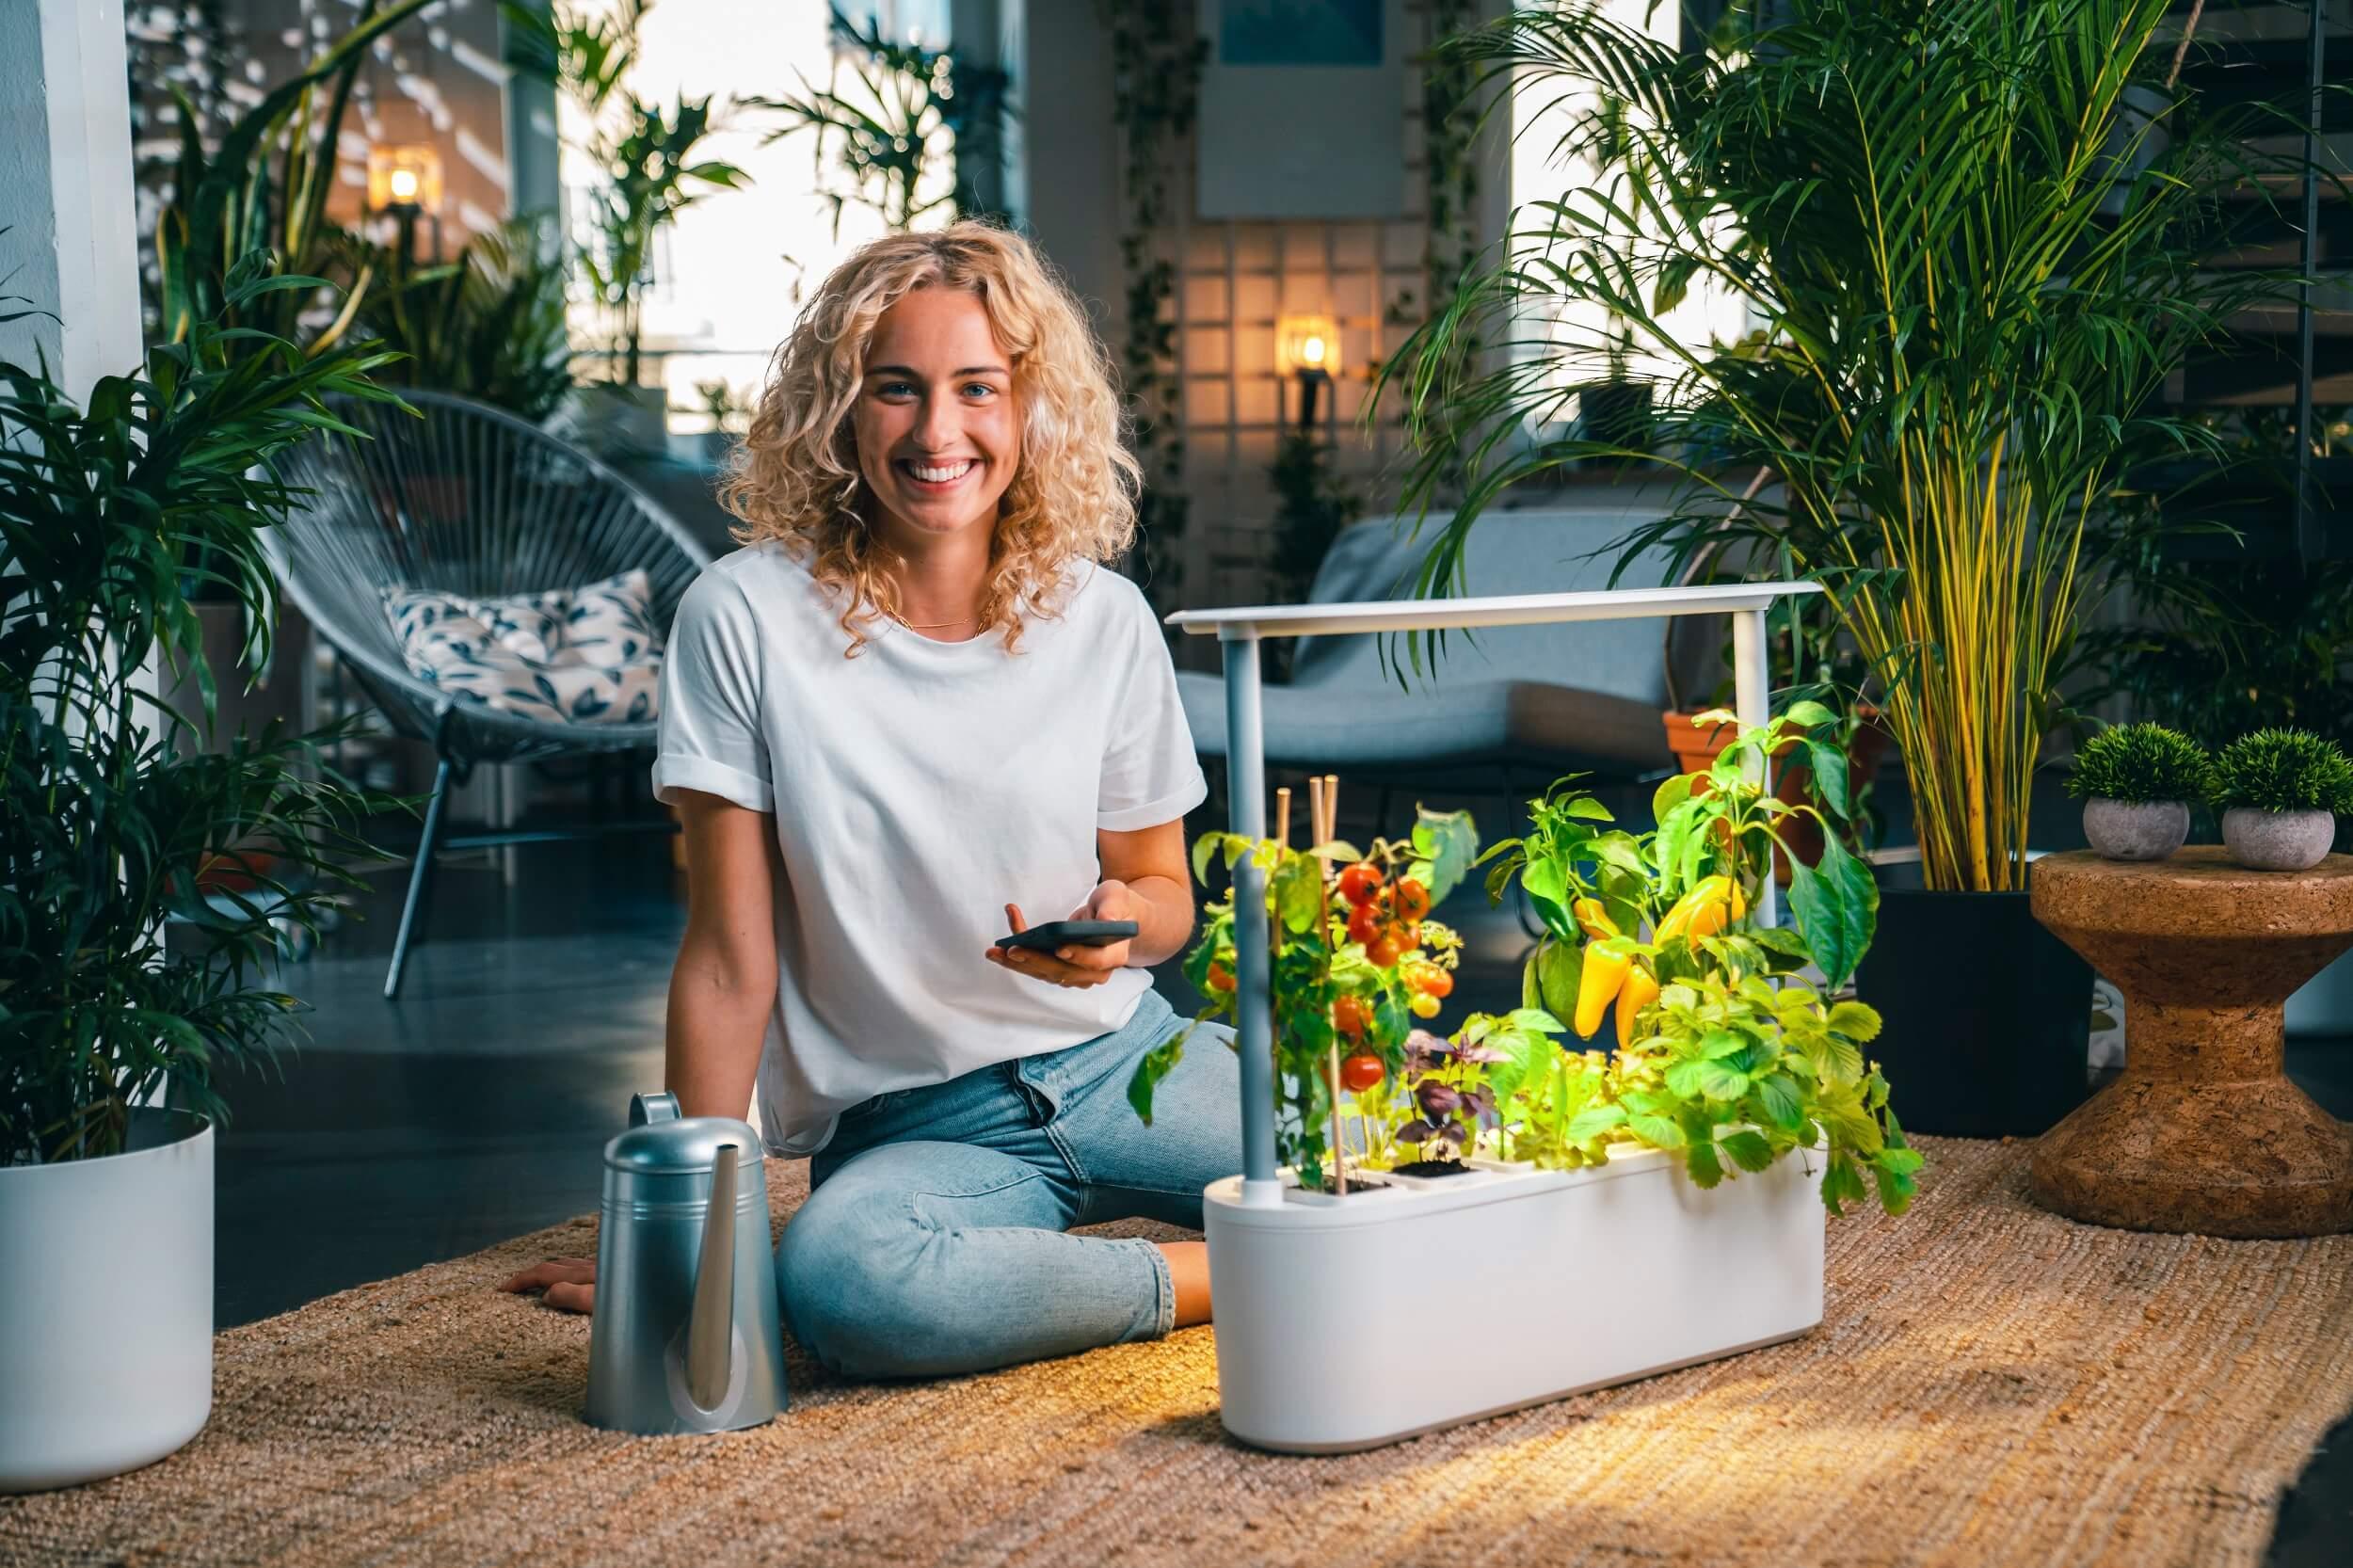 You are currently viewing Urban Farming – urgrow liefert ein System für Selbstversorger in Städten